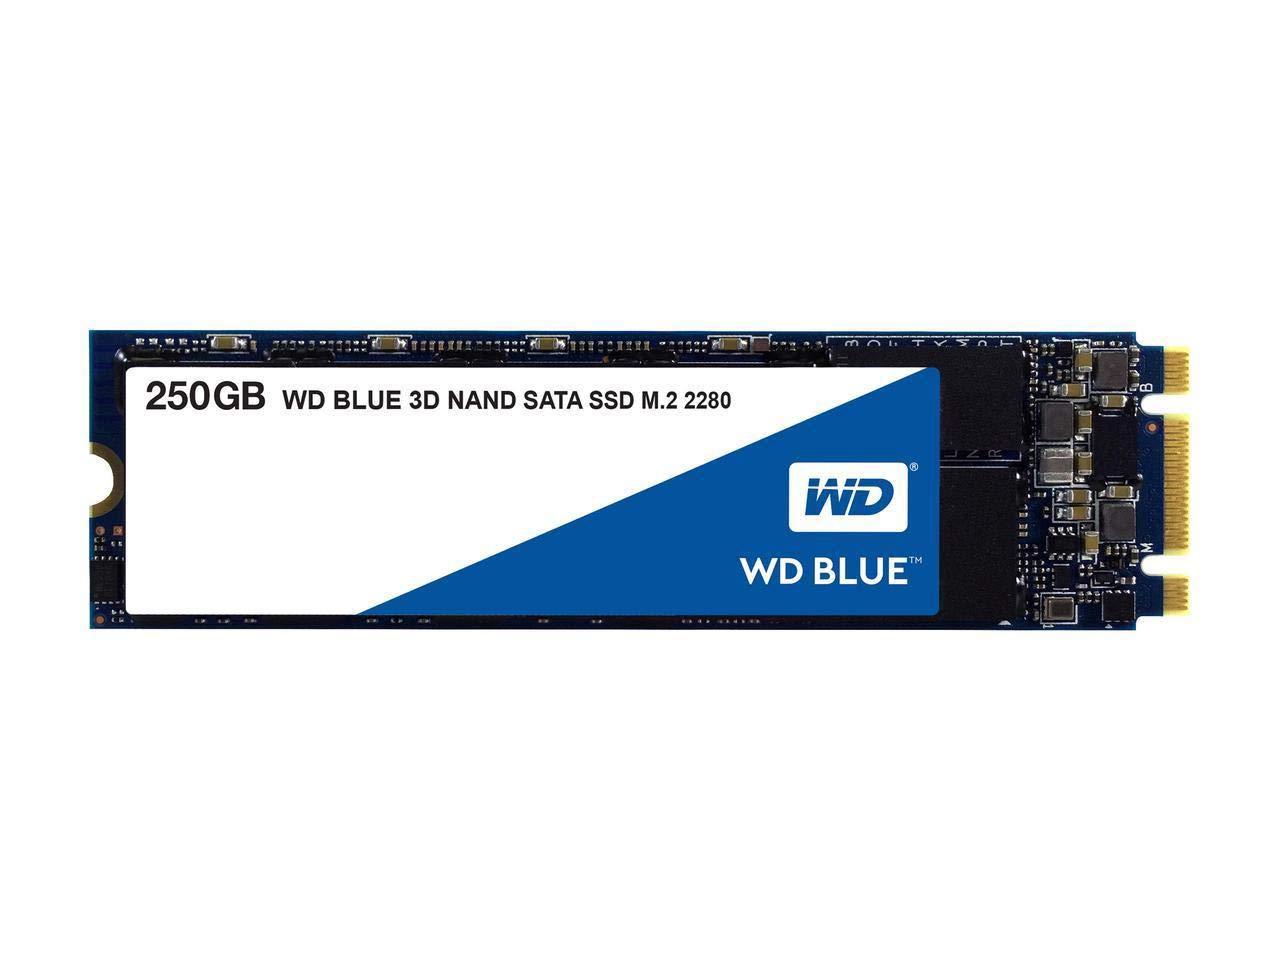 M.2 2280 250gb Sata Wd Blue 3d Nand 250gb Pc 6 Gb/s M.2 2280